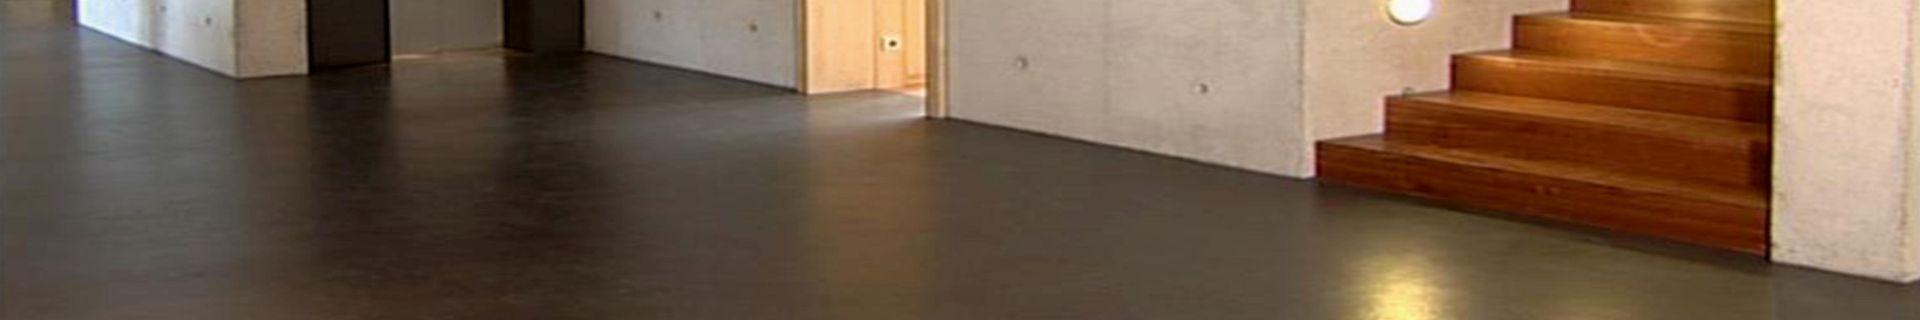 Marquart Fußbodentechnik